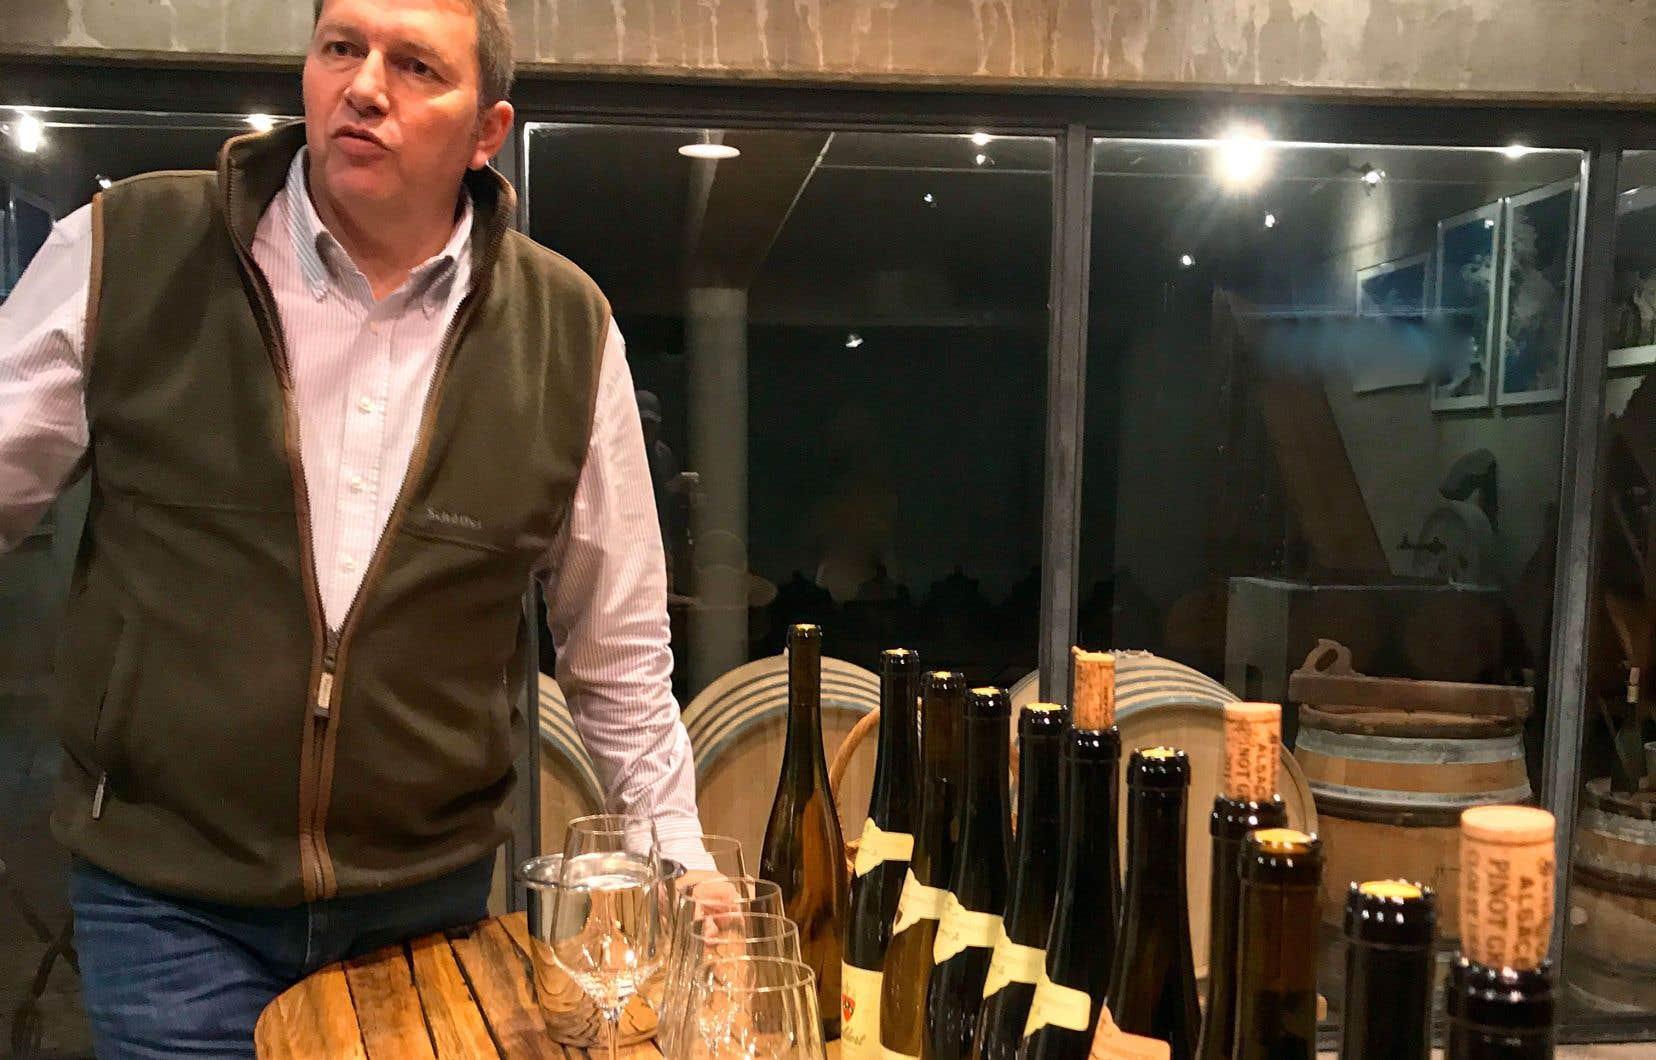 Olivier Humbrecht est un homme de science (ingénieur agronome), mais il porte aussi le titre prestigieux de Master of Wine. C'est bien pourquoi il se méfie des mots.